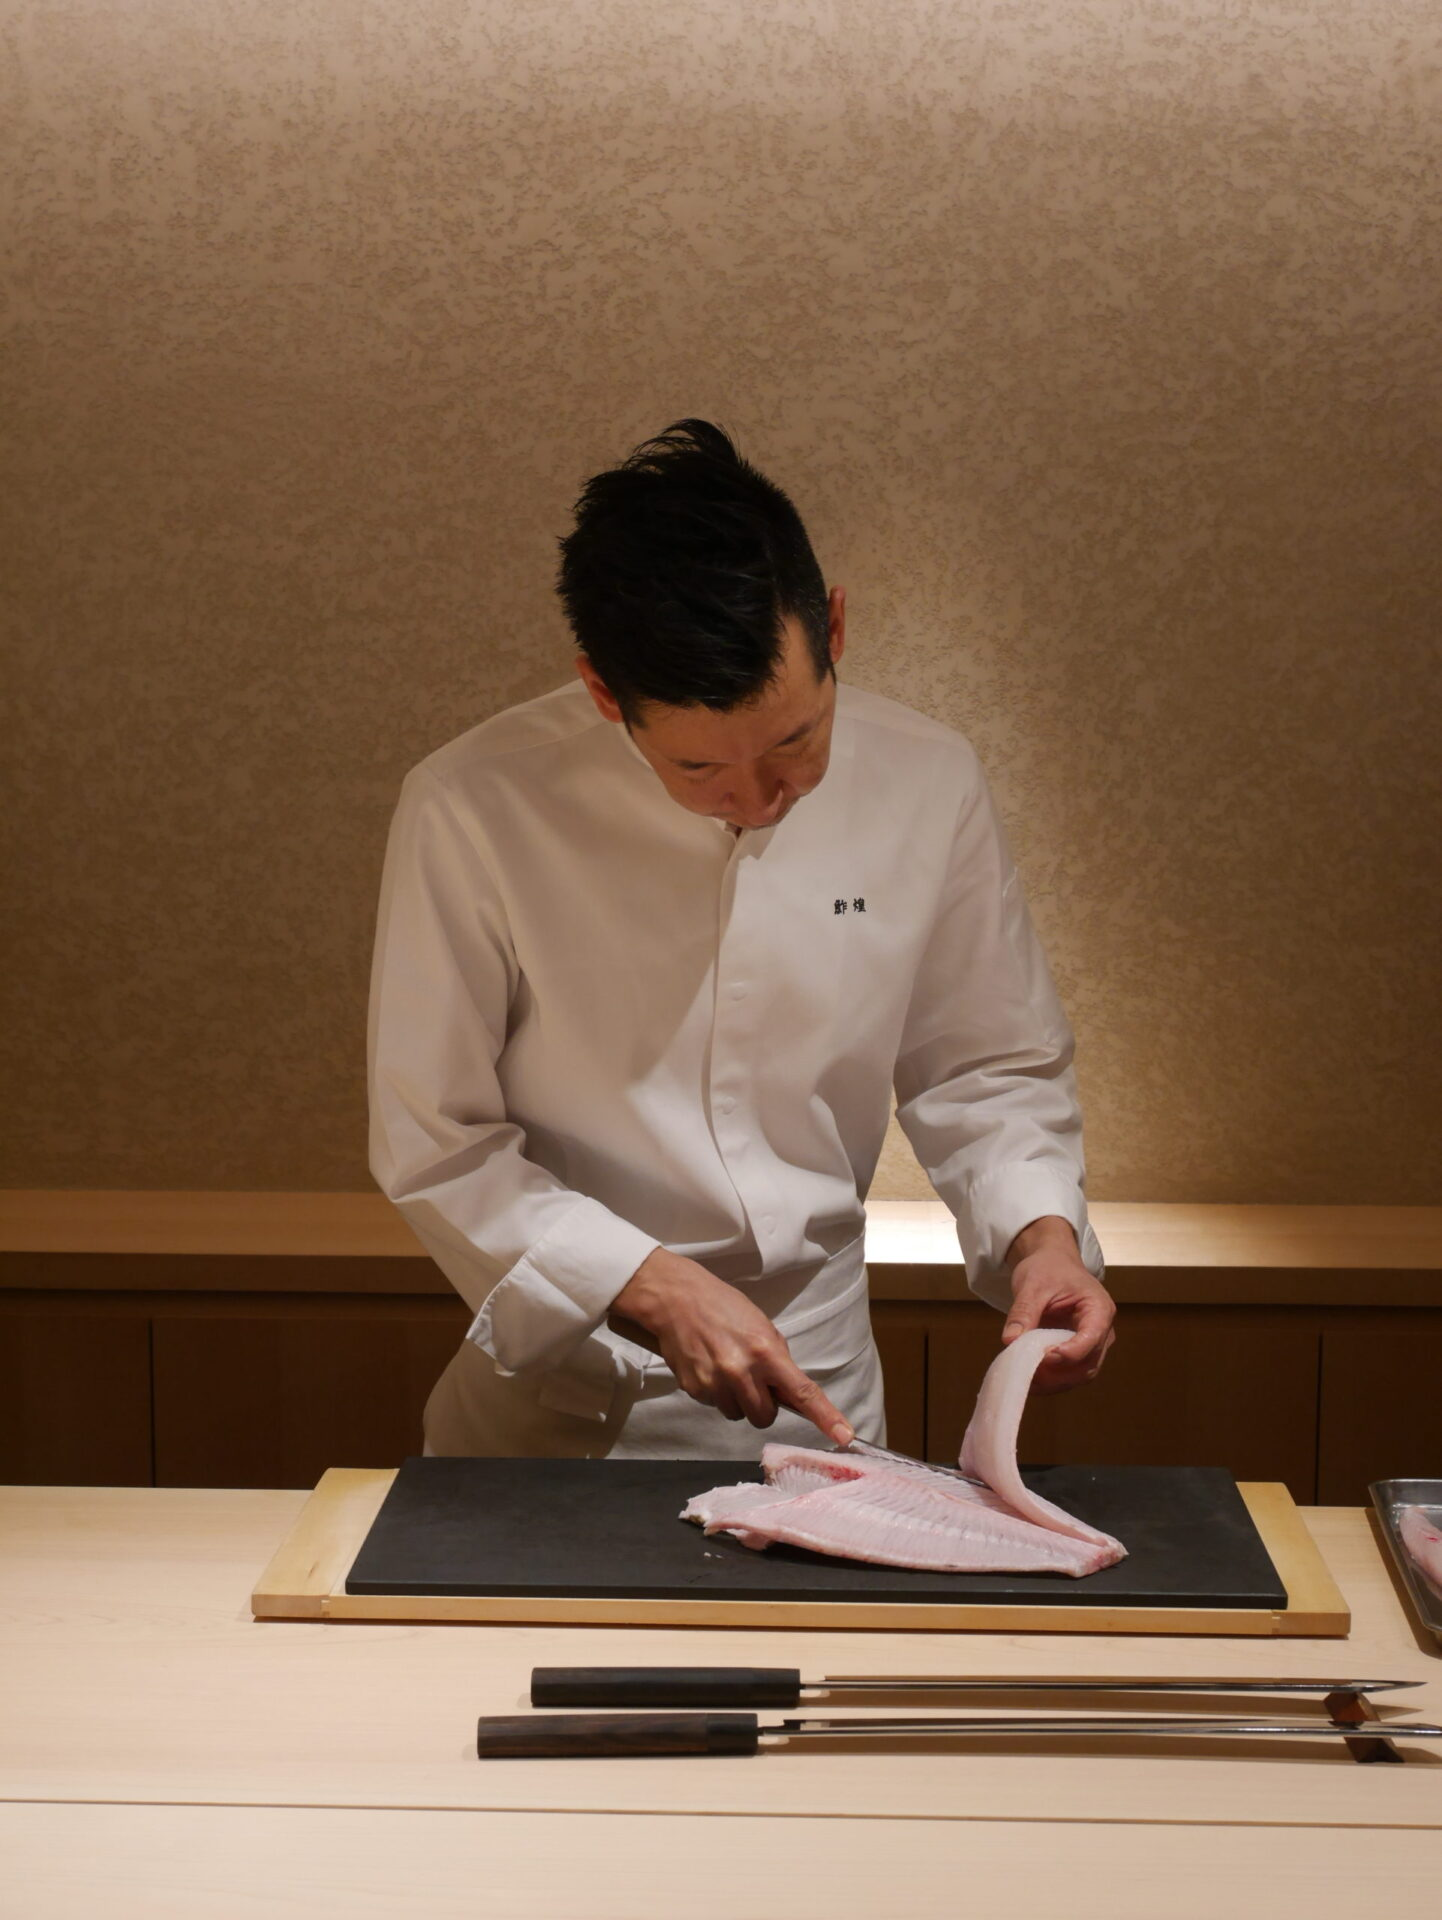 一級食材を極上の鮓へと昇華させる職人技。シンガポールの「鮓煌」の作田氏の仕事とは。